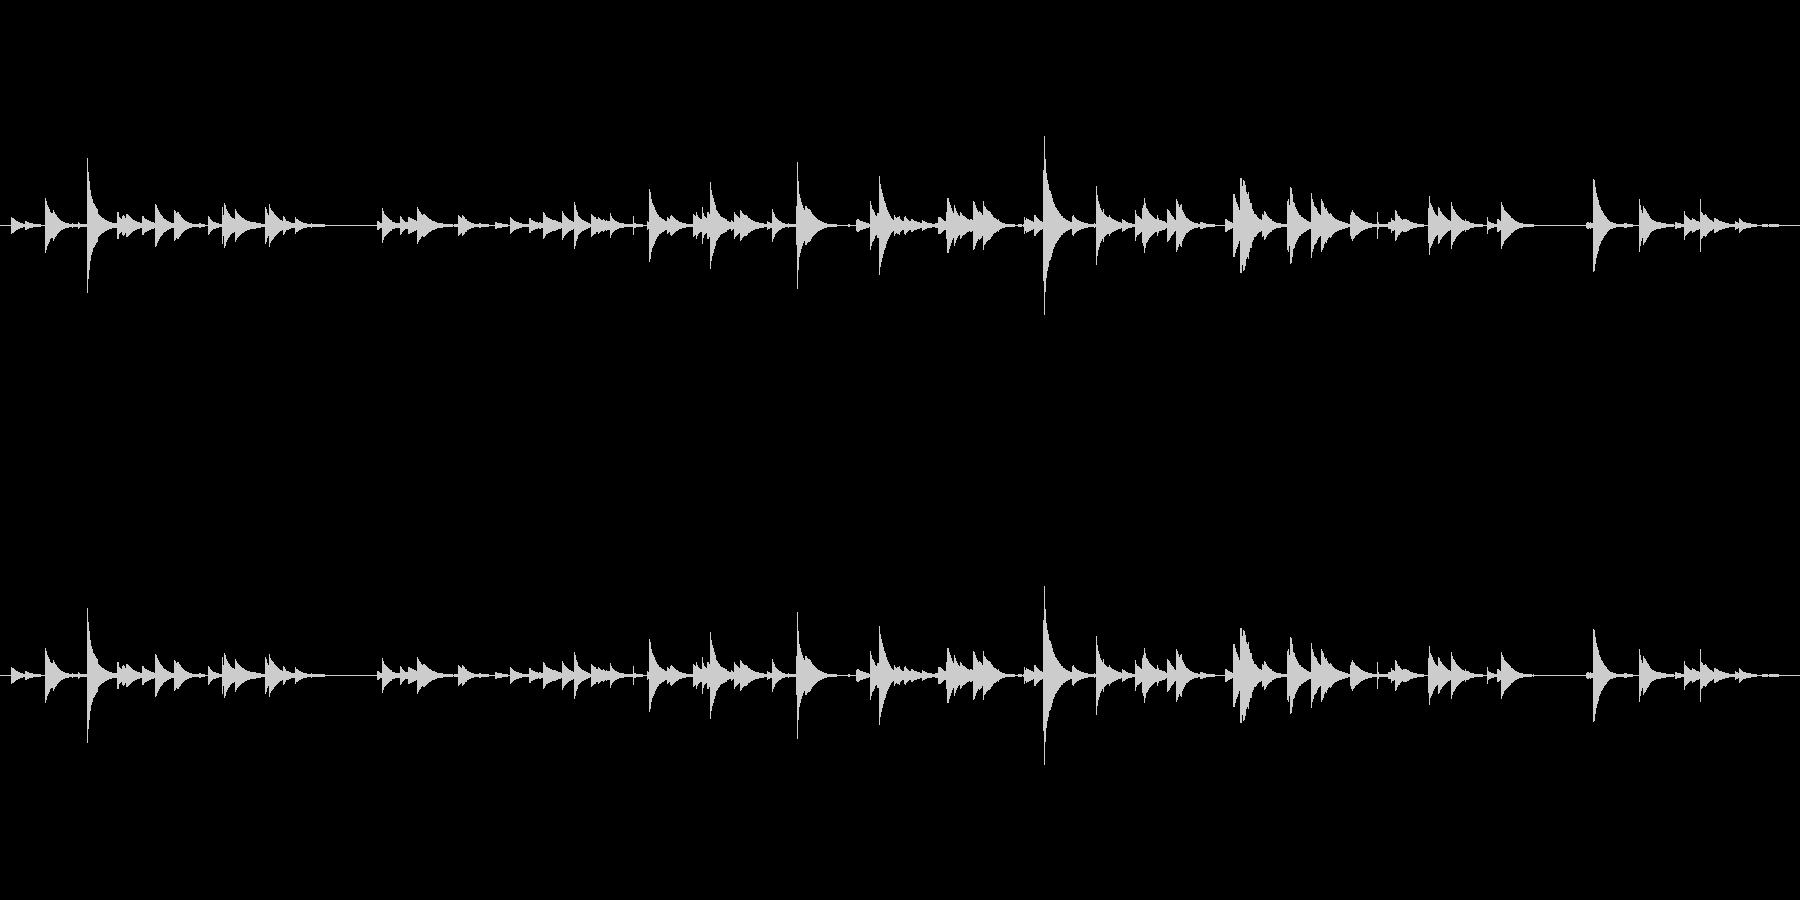 南部鉄器風鈴を1分強録音しました。サイ…の未再生の波形